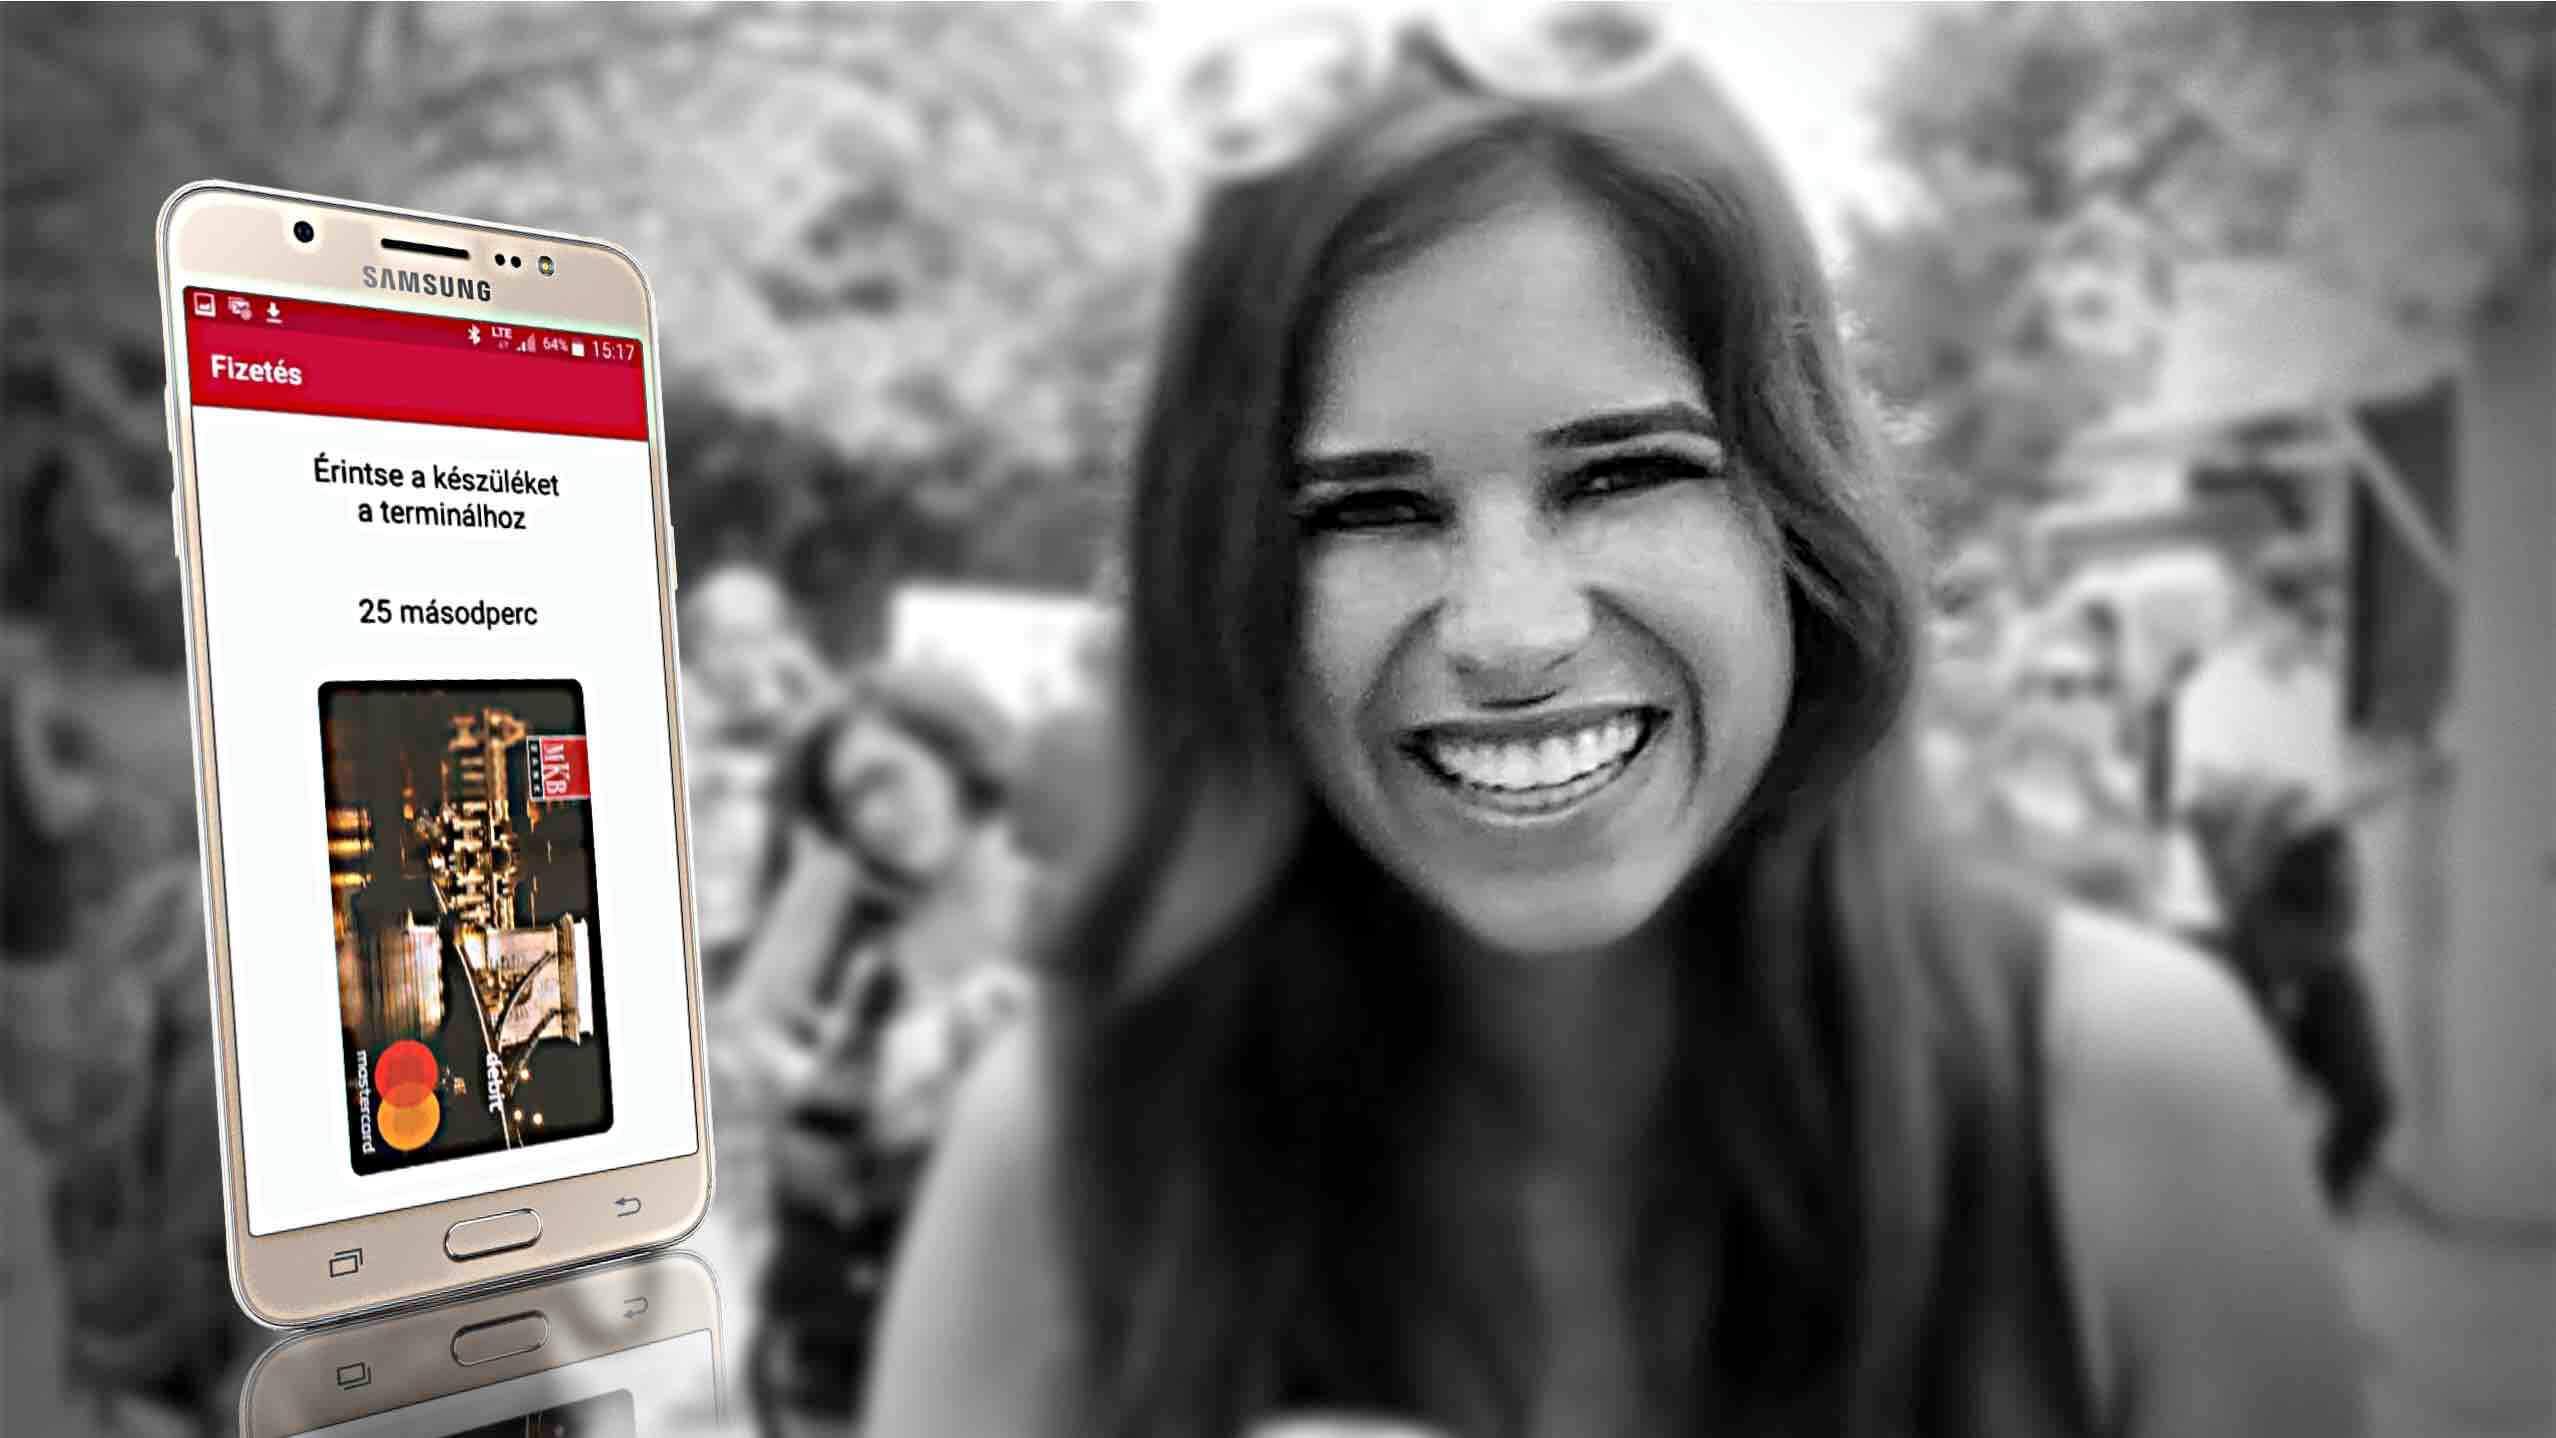 online szamlanyitas mobilfizetes MKB Pay Kinga